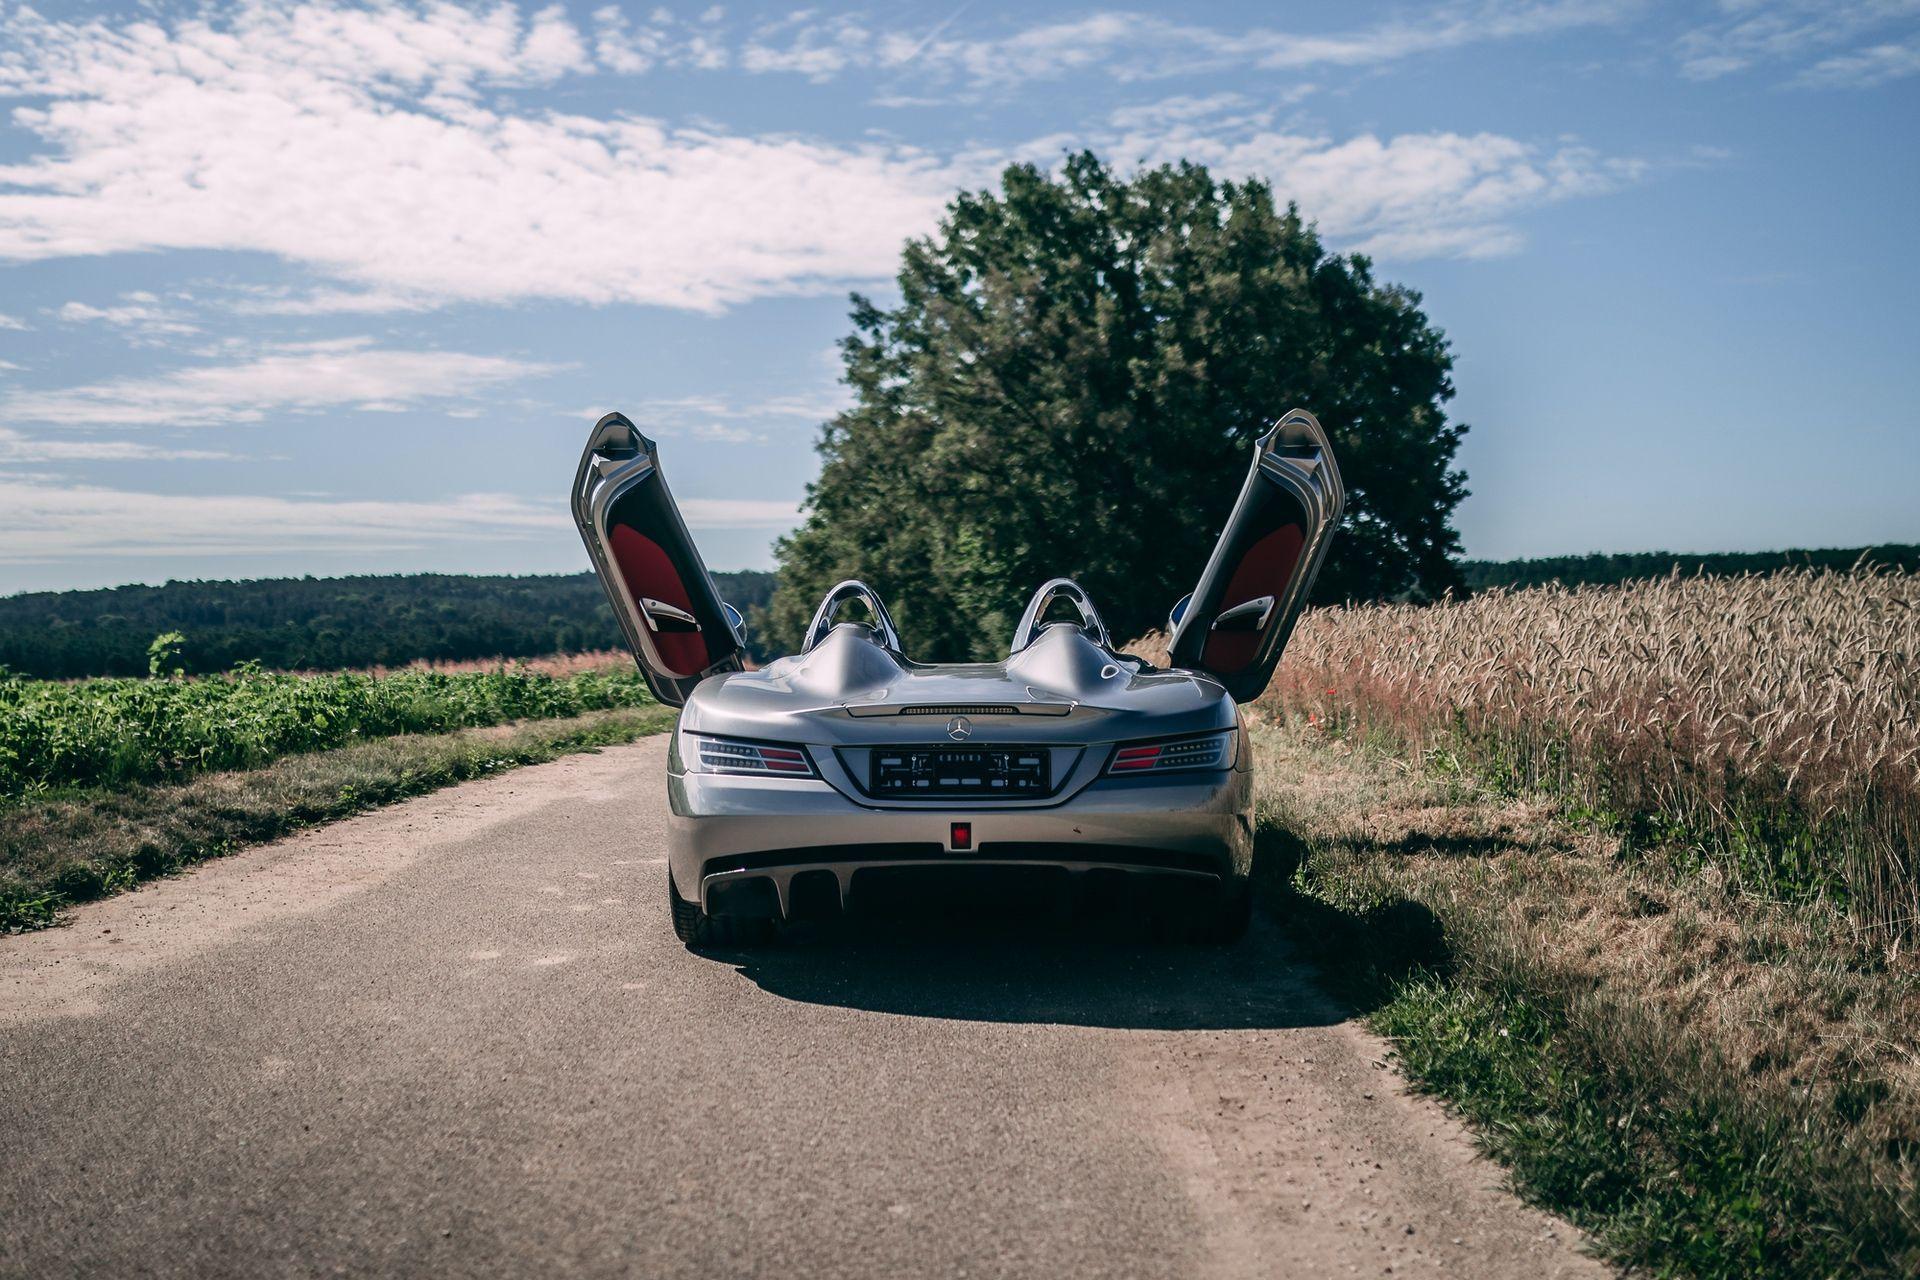 2009-Mercedes-Benz-SLR-McLaren-Stirling-Moss-_31